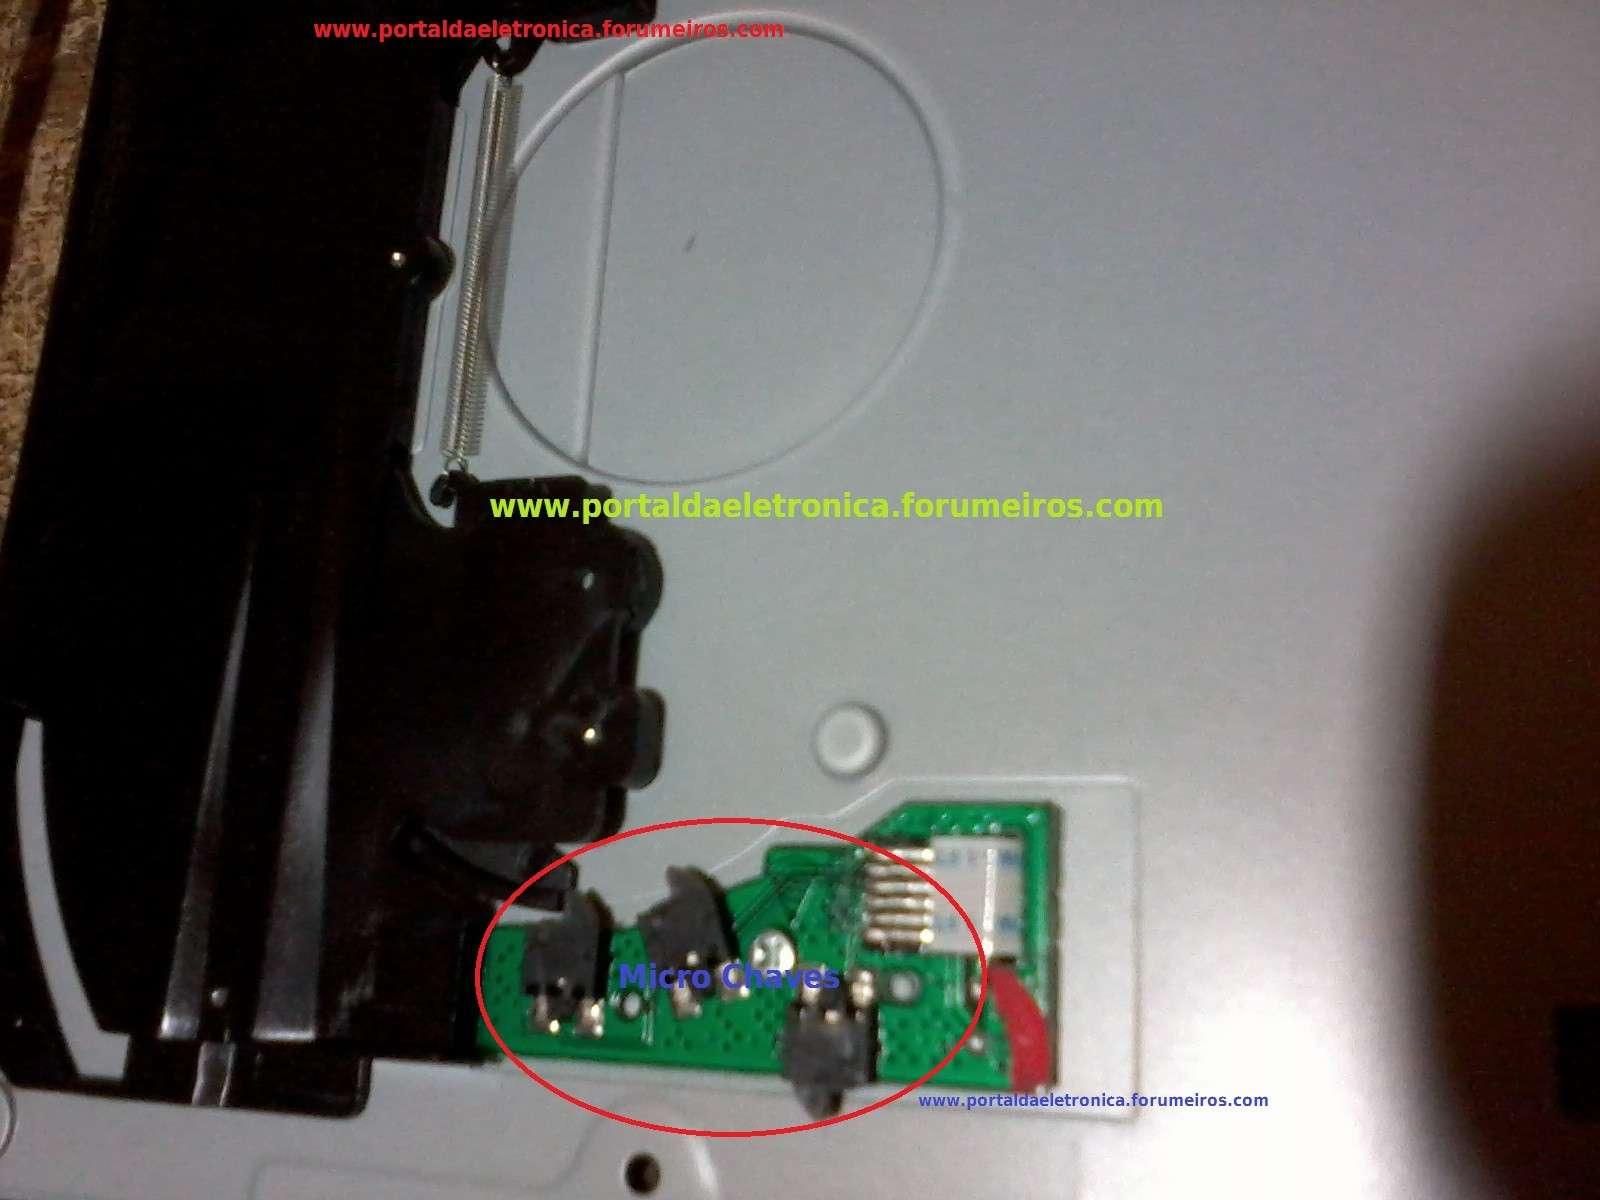 Home theater LG BH7220BW não puxa e não ejeta o CD ou DVD. Micro-10